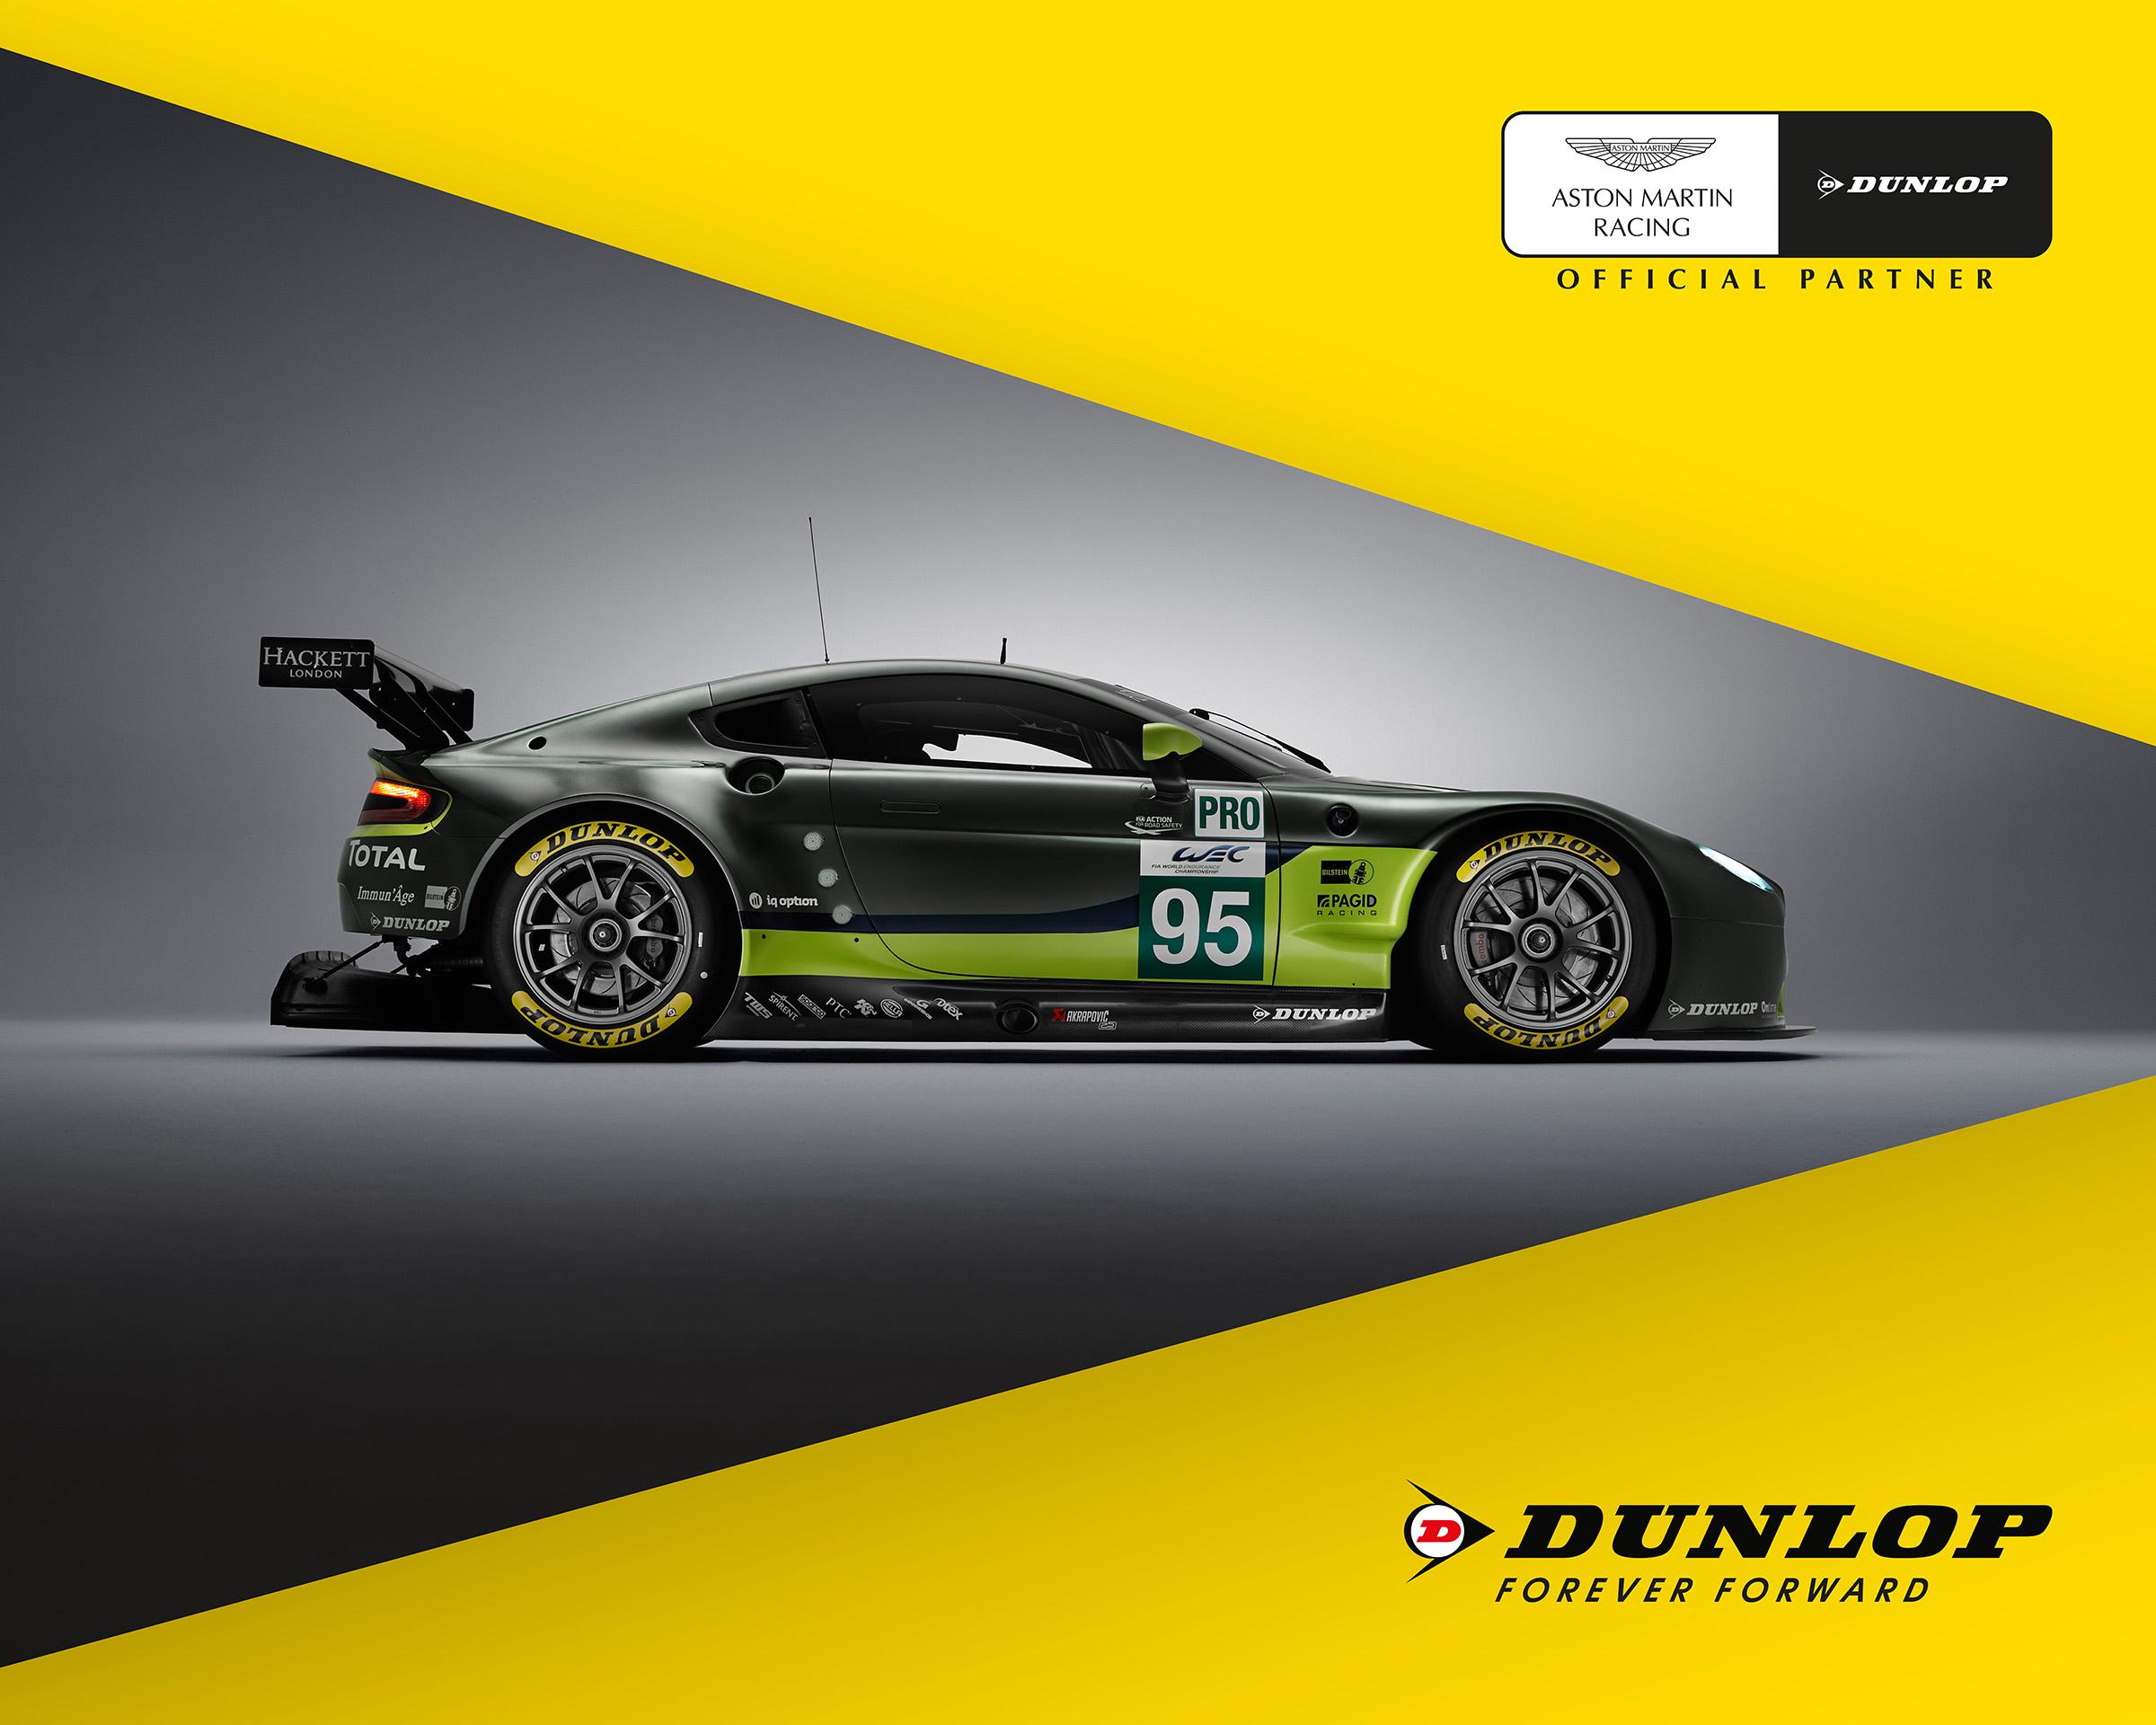 Dunlop bereidt zich voor om verder te bouwen op WEC-succes van 2016